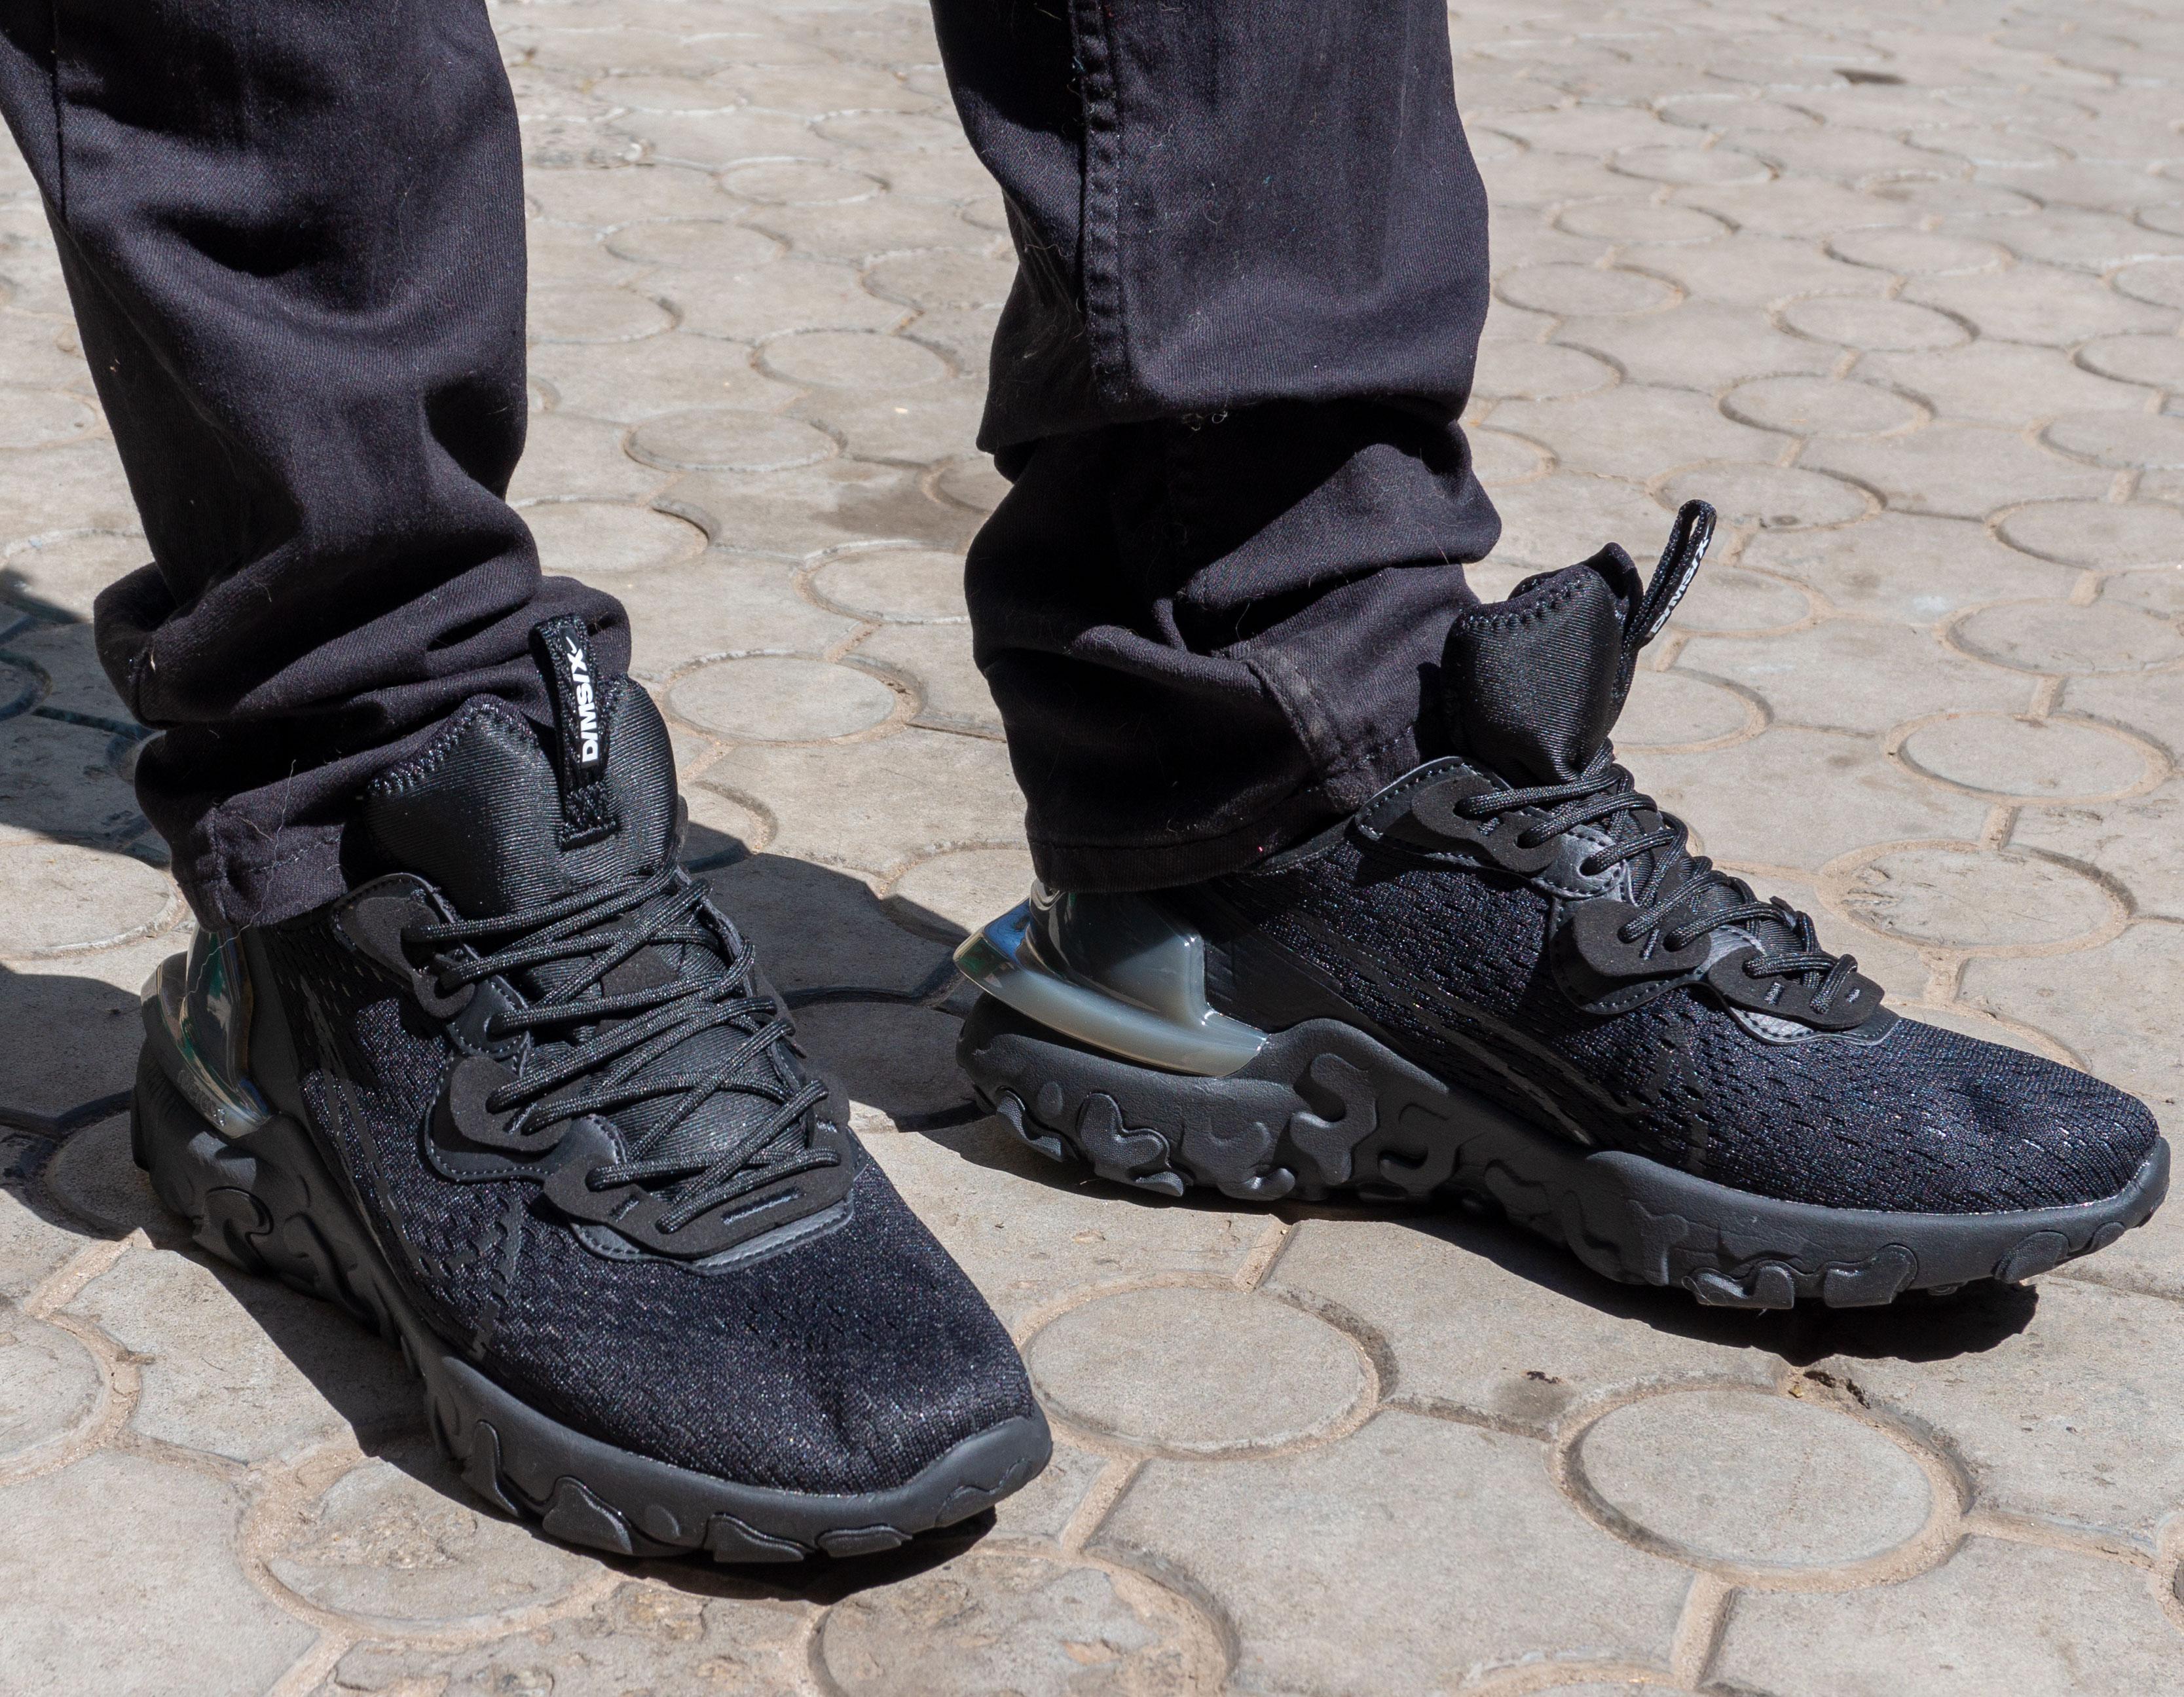 фото - Кроссовки Nike React Vision DimSix полностью черные. Топ качество! на ноге.